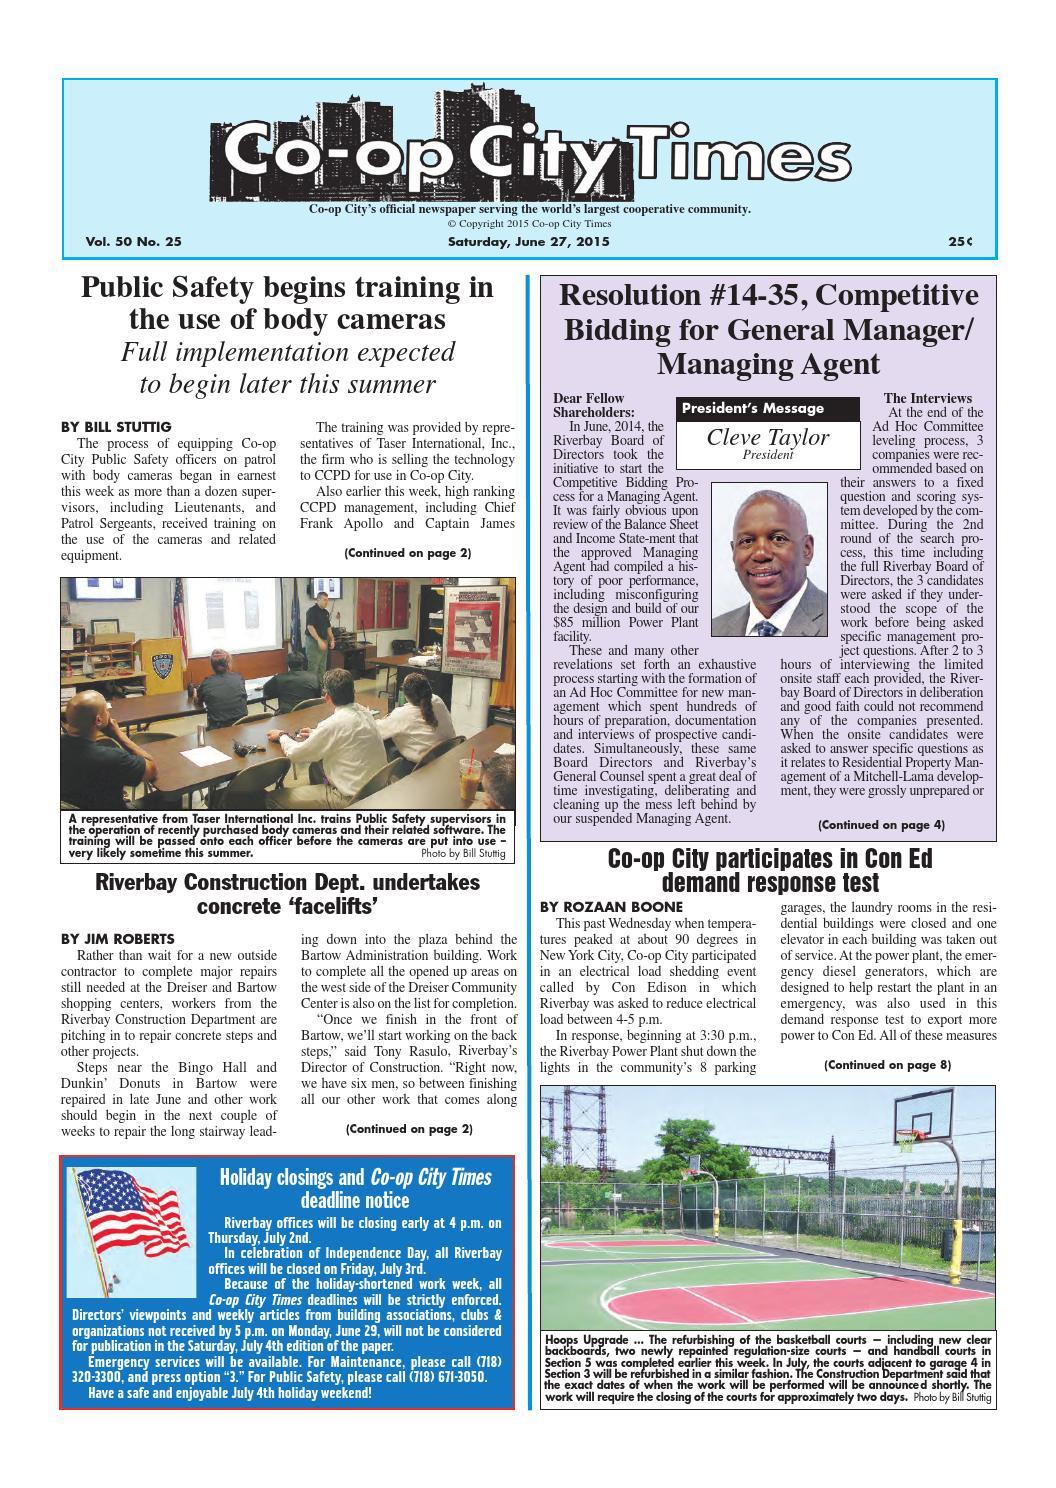 Co-op City Times 06/27/15